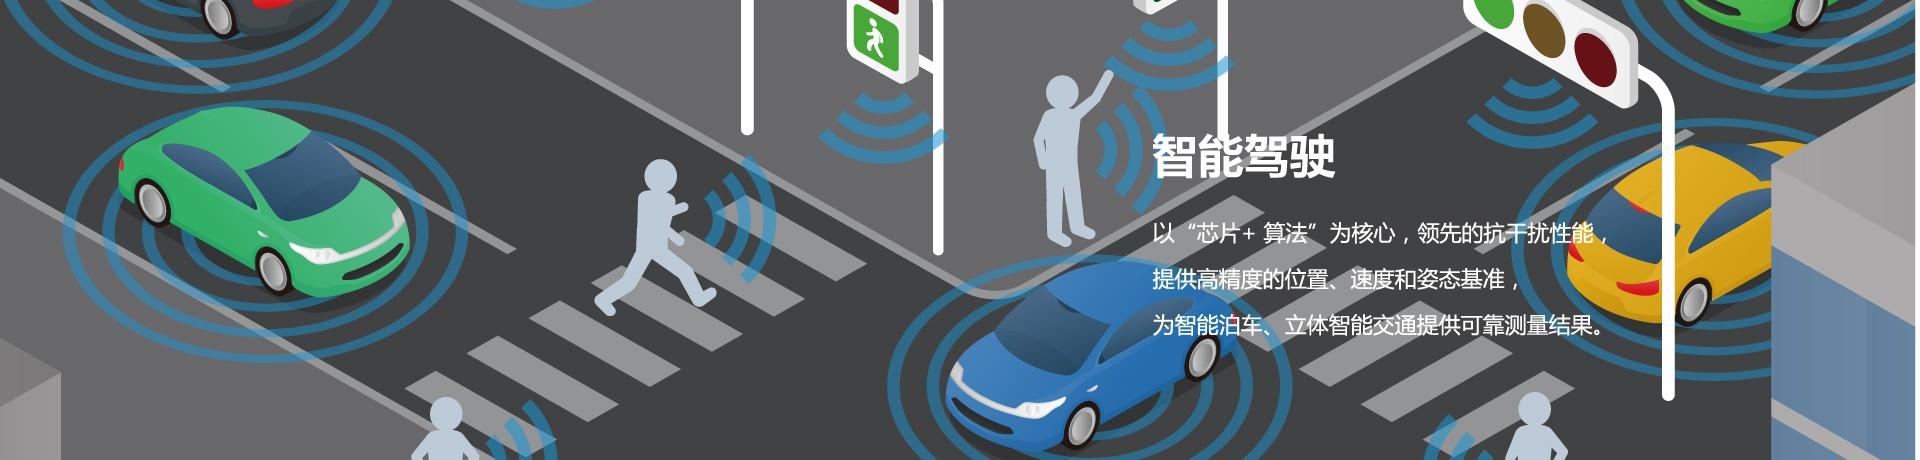 告別GPS!中國北斗用于導航,位置的最高精度達到毫米級